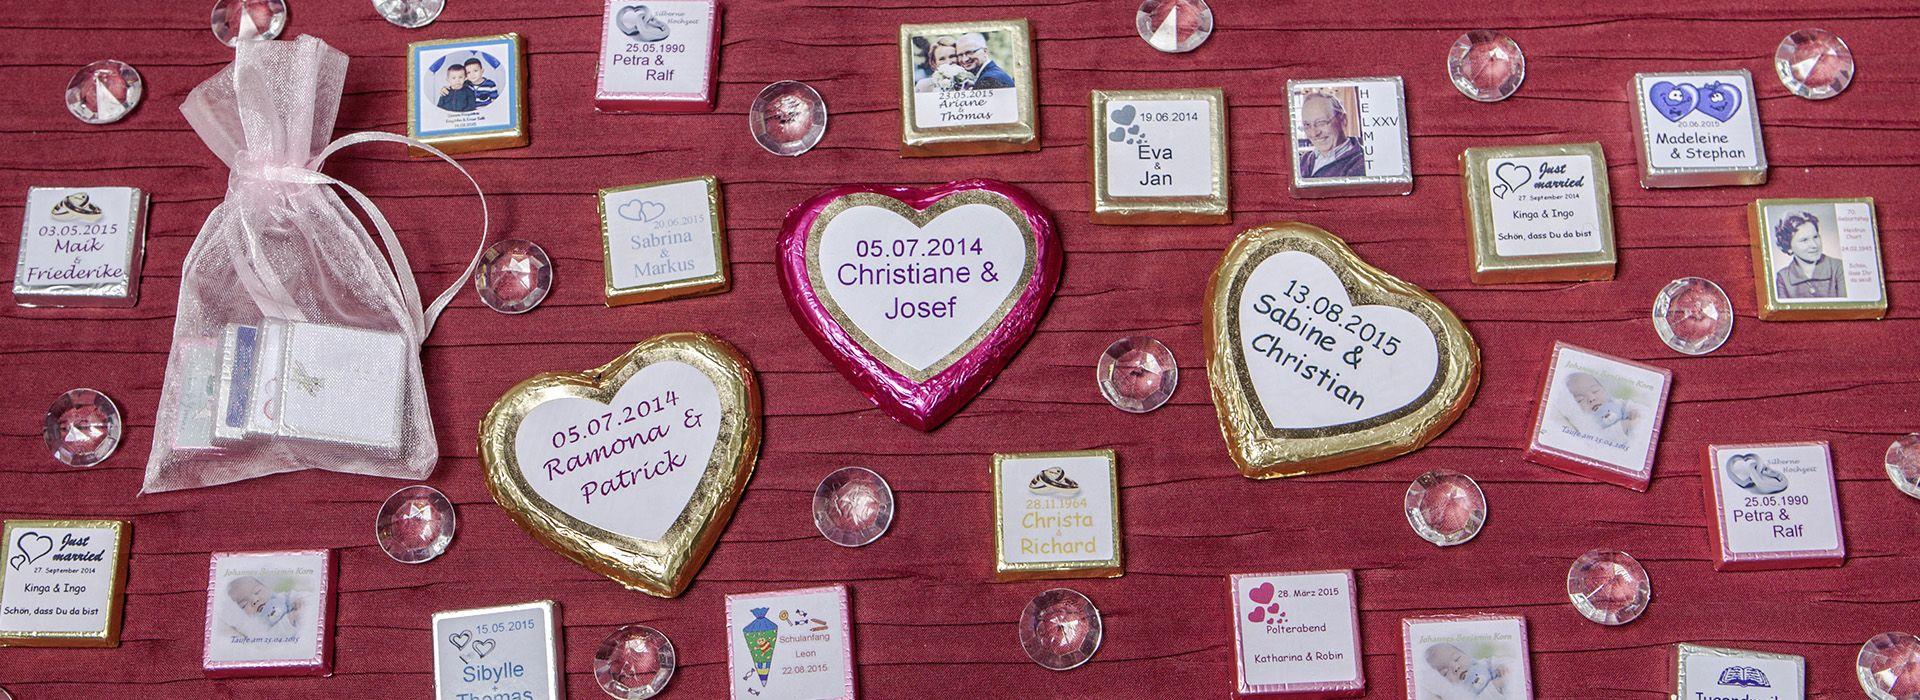 Individuell Bedruckte Schokolade Als Geschenk Fur Die Hochzeit Schokolade Bedrucken Schokolade Mit Foto Personalisierte Sussigkeiten